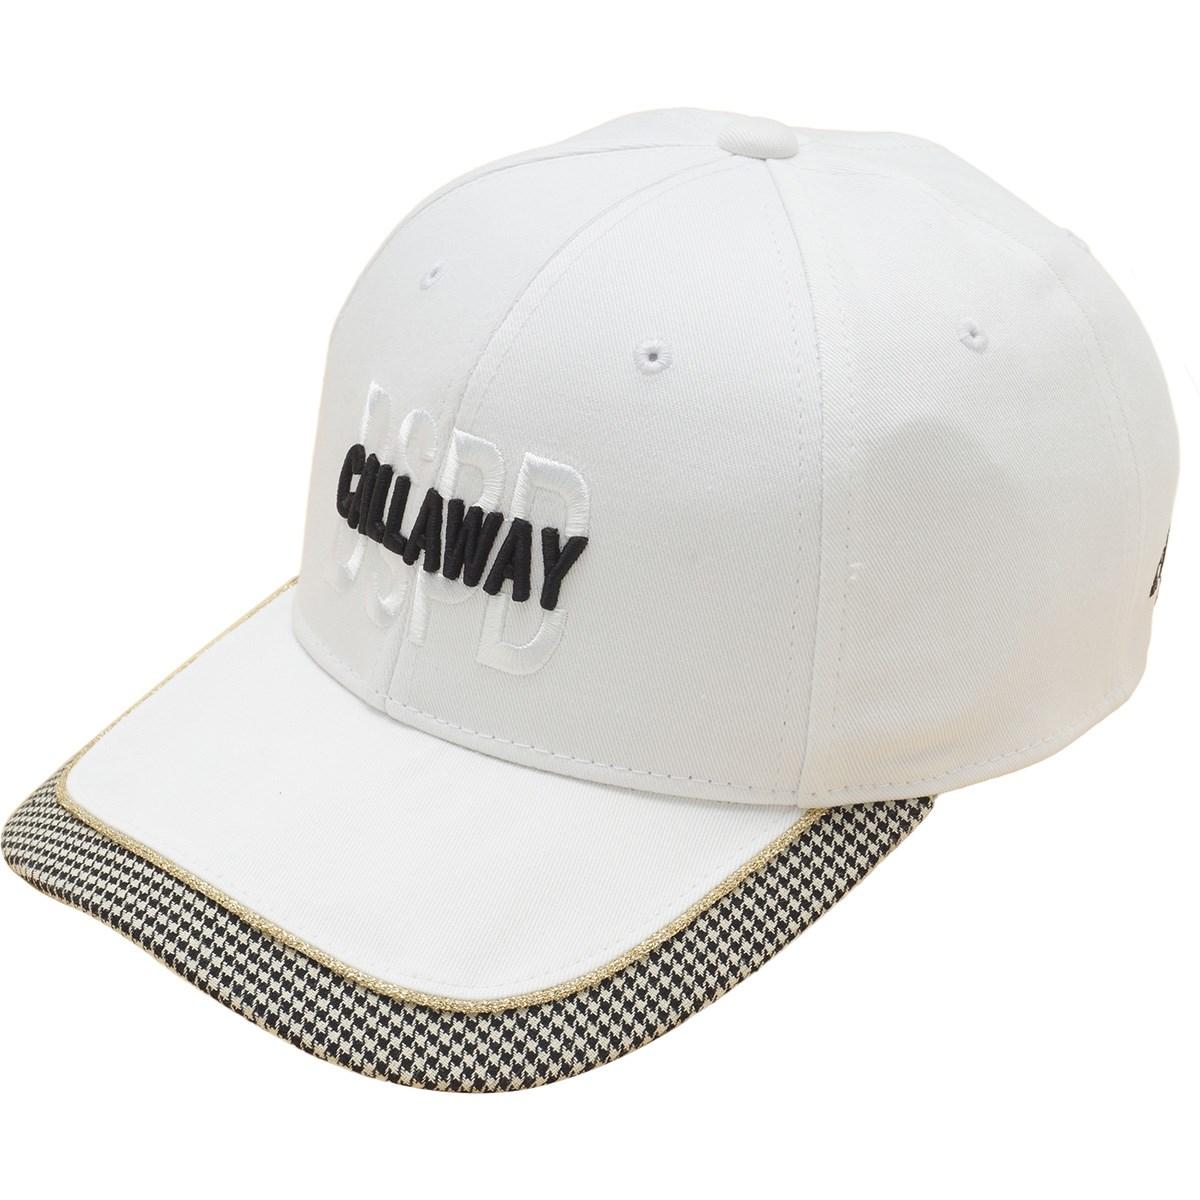 キャロウェイゴルフ Callaway Golf ツイルキャップ フリー ホワイト 030 レディス